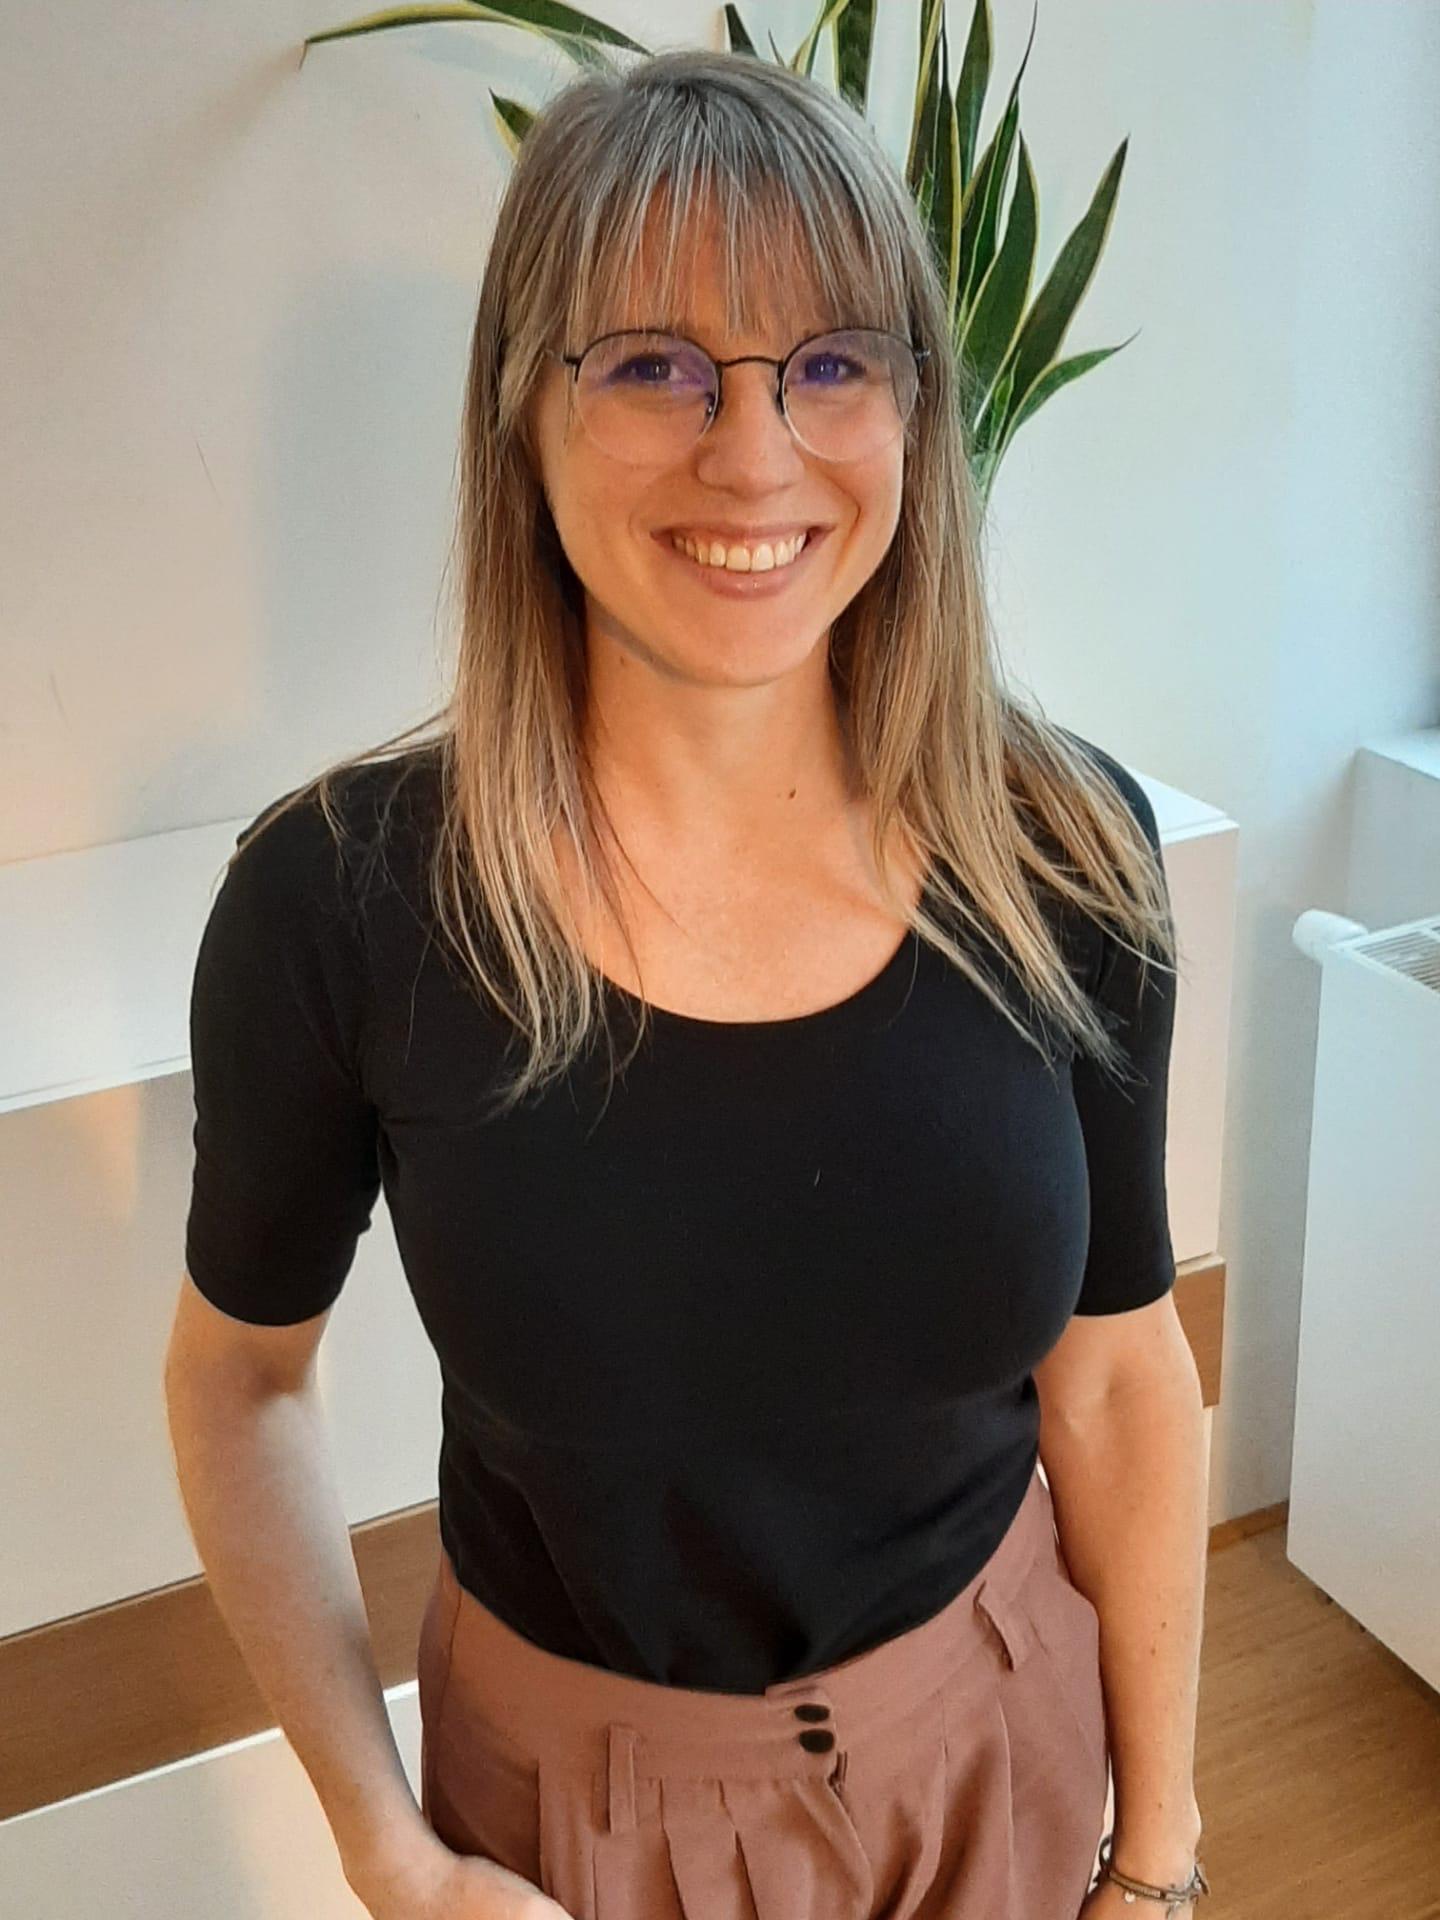 Nasreen Vanden Berghe